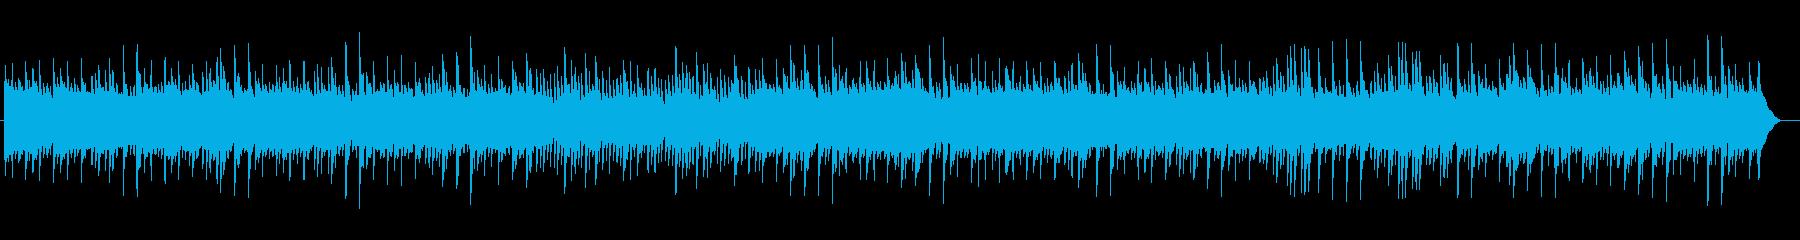 シンプルで切ないアコギバラードサウンドの再生済みの波形